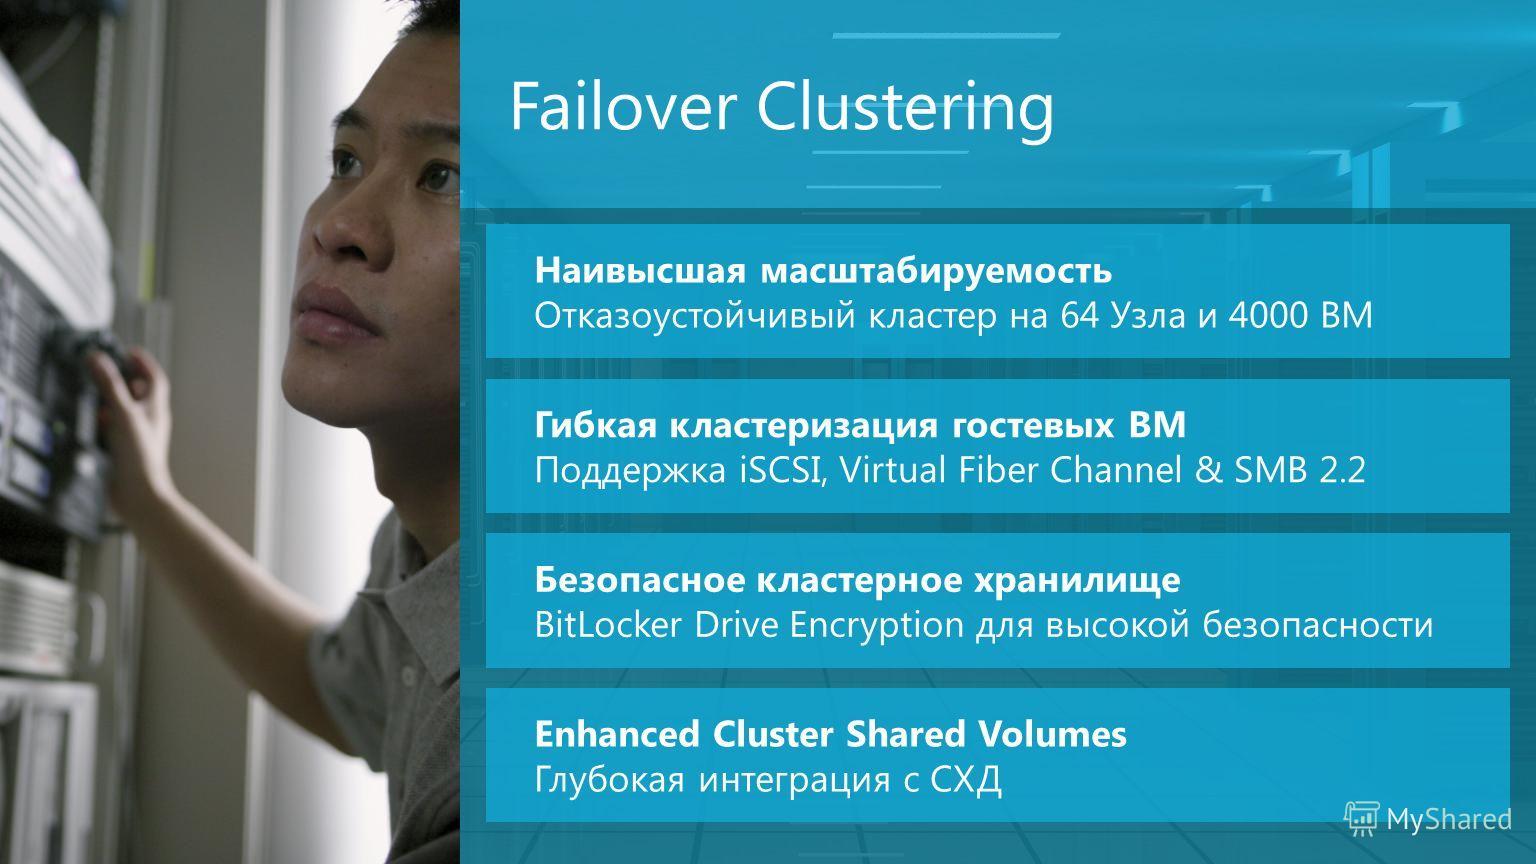 Failover Clustering Наивысшая масштабируемость Отказоустойчивый кластер на 64 Узла и 4000 ВМ Гибкая кластеризация гостевых ВМ Поддержка iSCSI, Virtual Fiber Channel & SMB 2.2 Безопасное кластерное хранилище BitLocker Drive Encryption для высокой безо